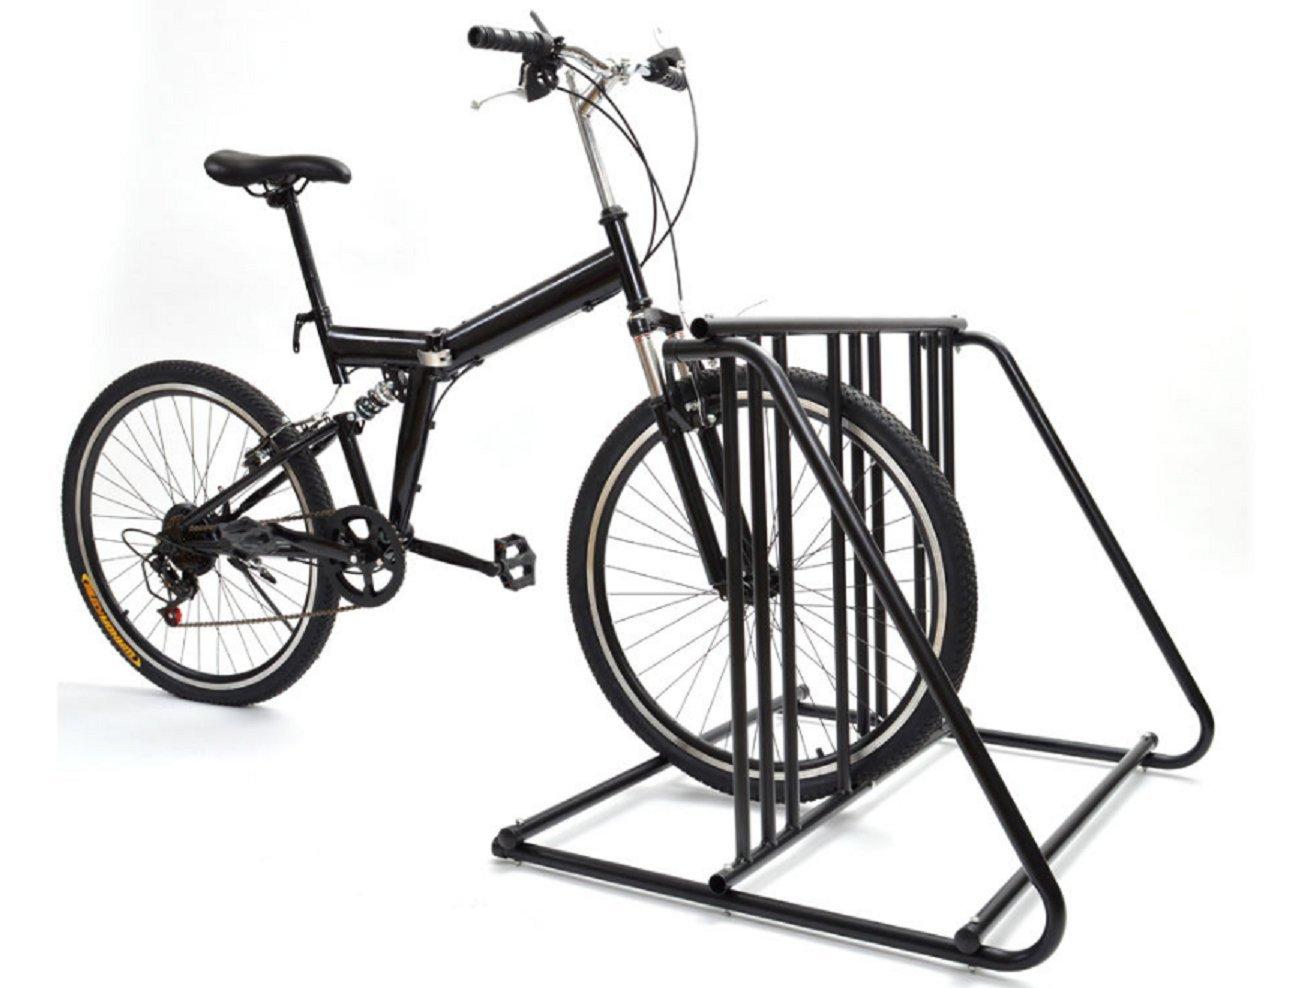 バイクストレージラック壁ガレージスタンドバイクアウトドアインドアPakingブレーキ- 6 Bikesスチール公園スタンドブラック仕上げ2 / 3 / 4 / 5 B01MTM5Y3G